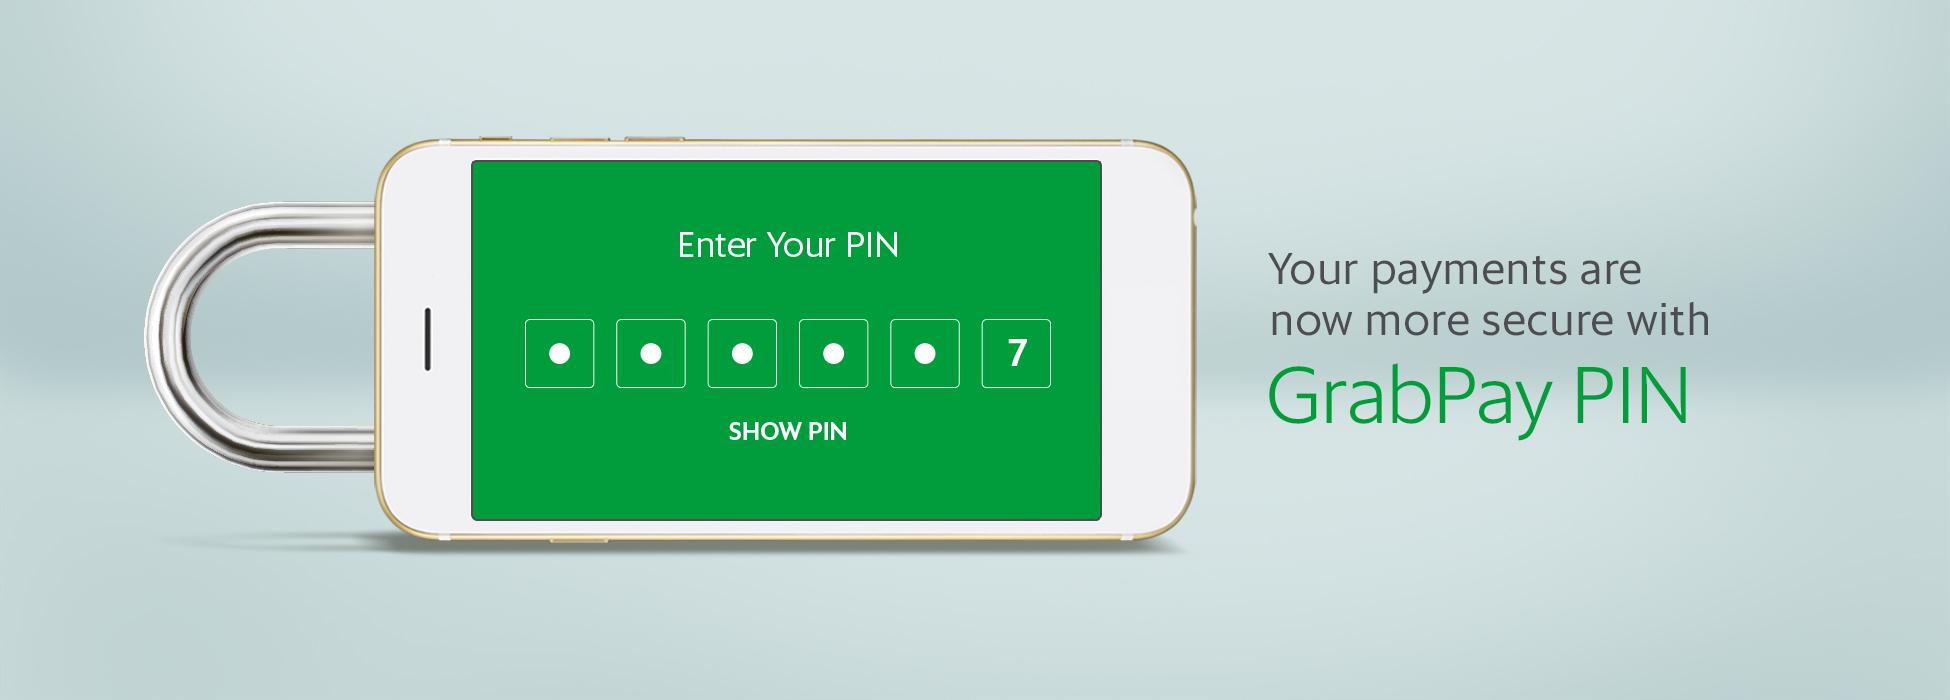 GrabPay Pin | Grab PH